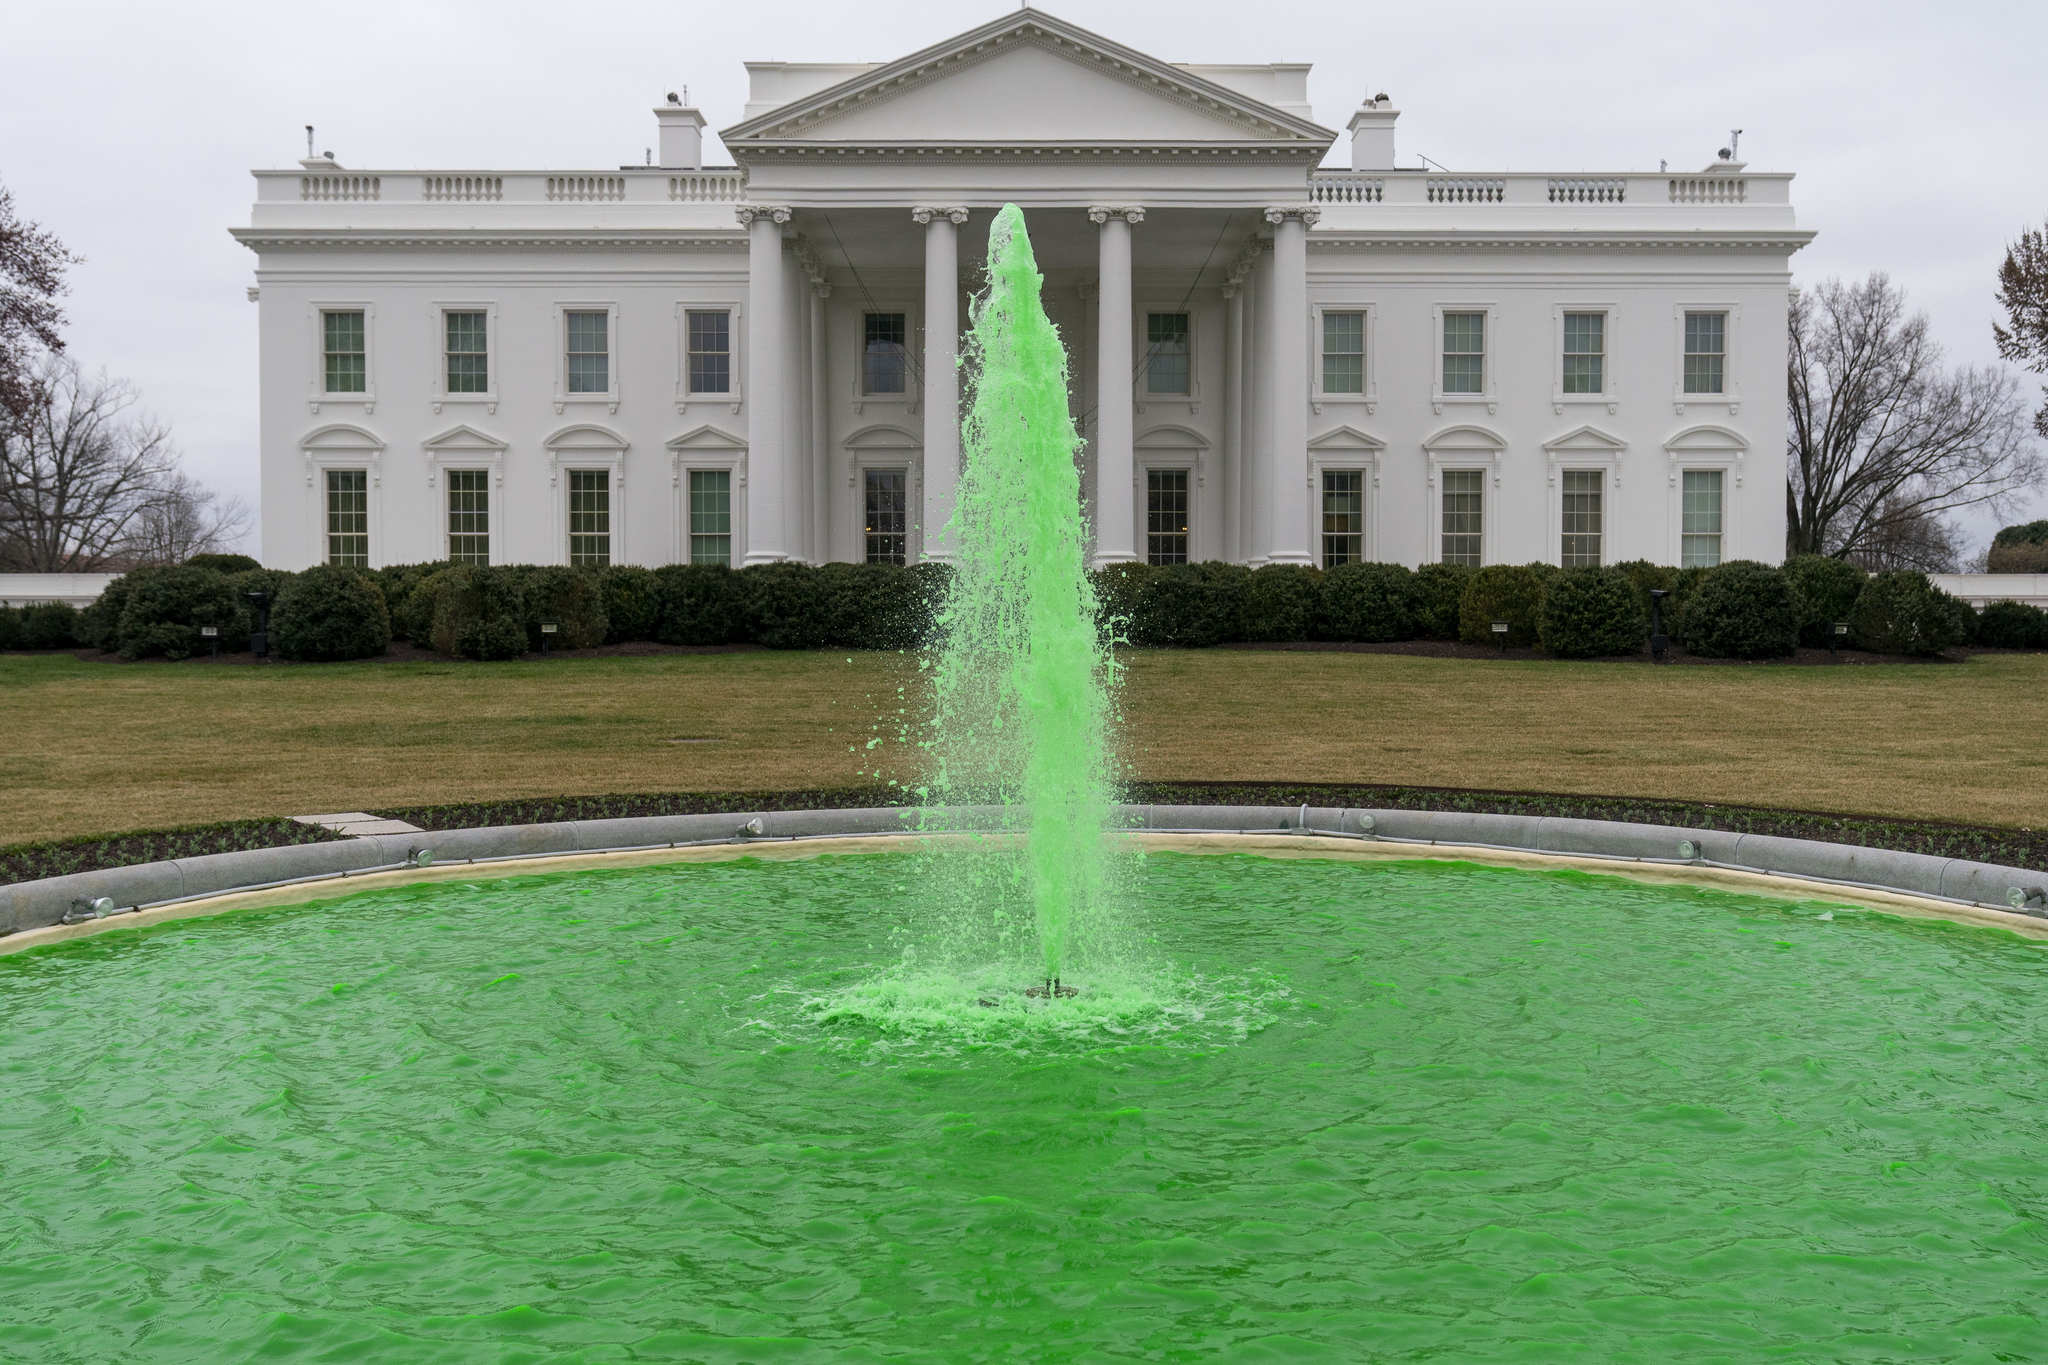 17일 성 패트릭의 날을 맞아 미국 백악관 북쪽 분수가 아일랜드를 상징하는 녹색으로 물들었다. AP=연합뉴스